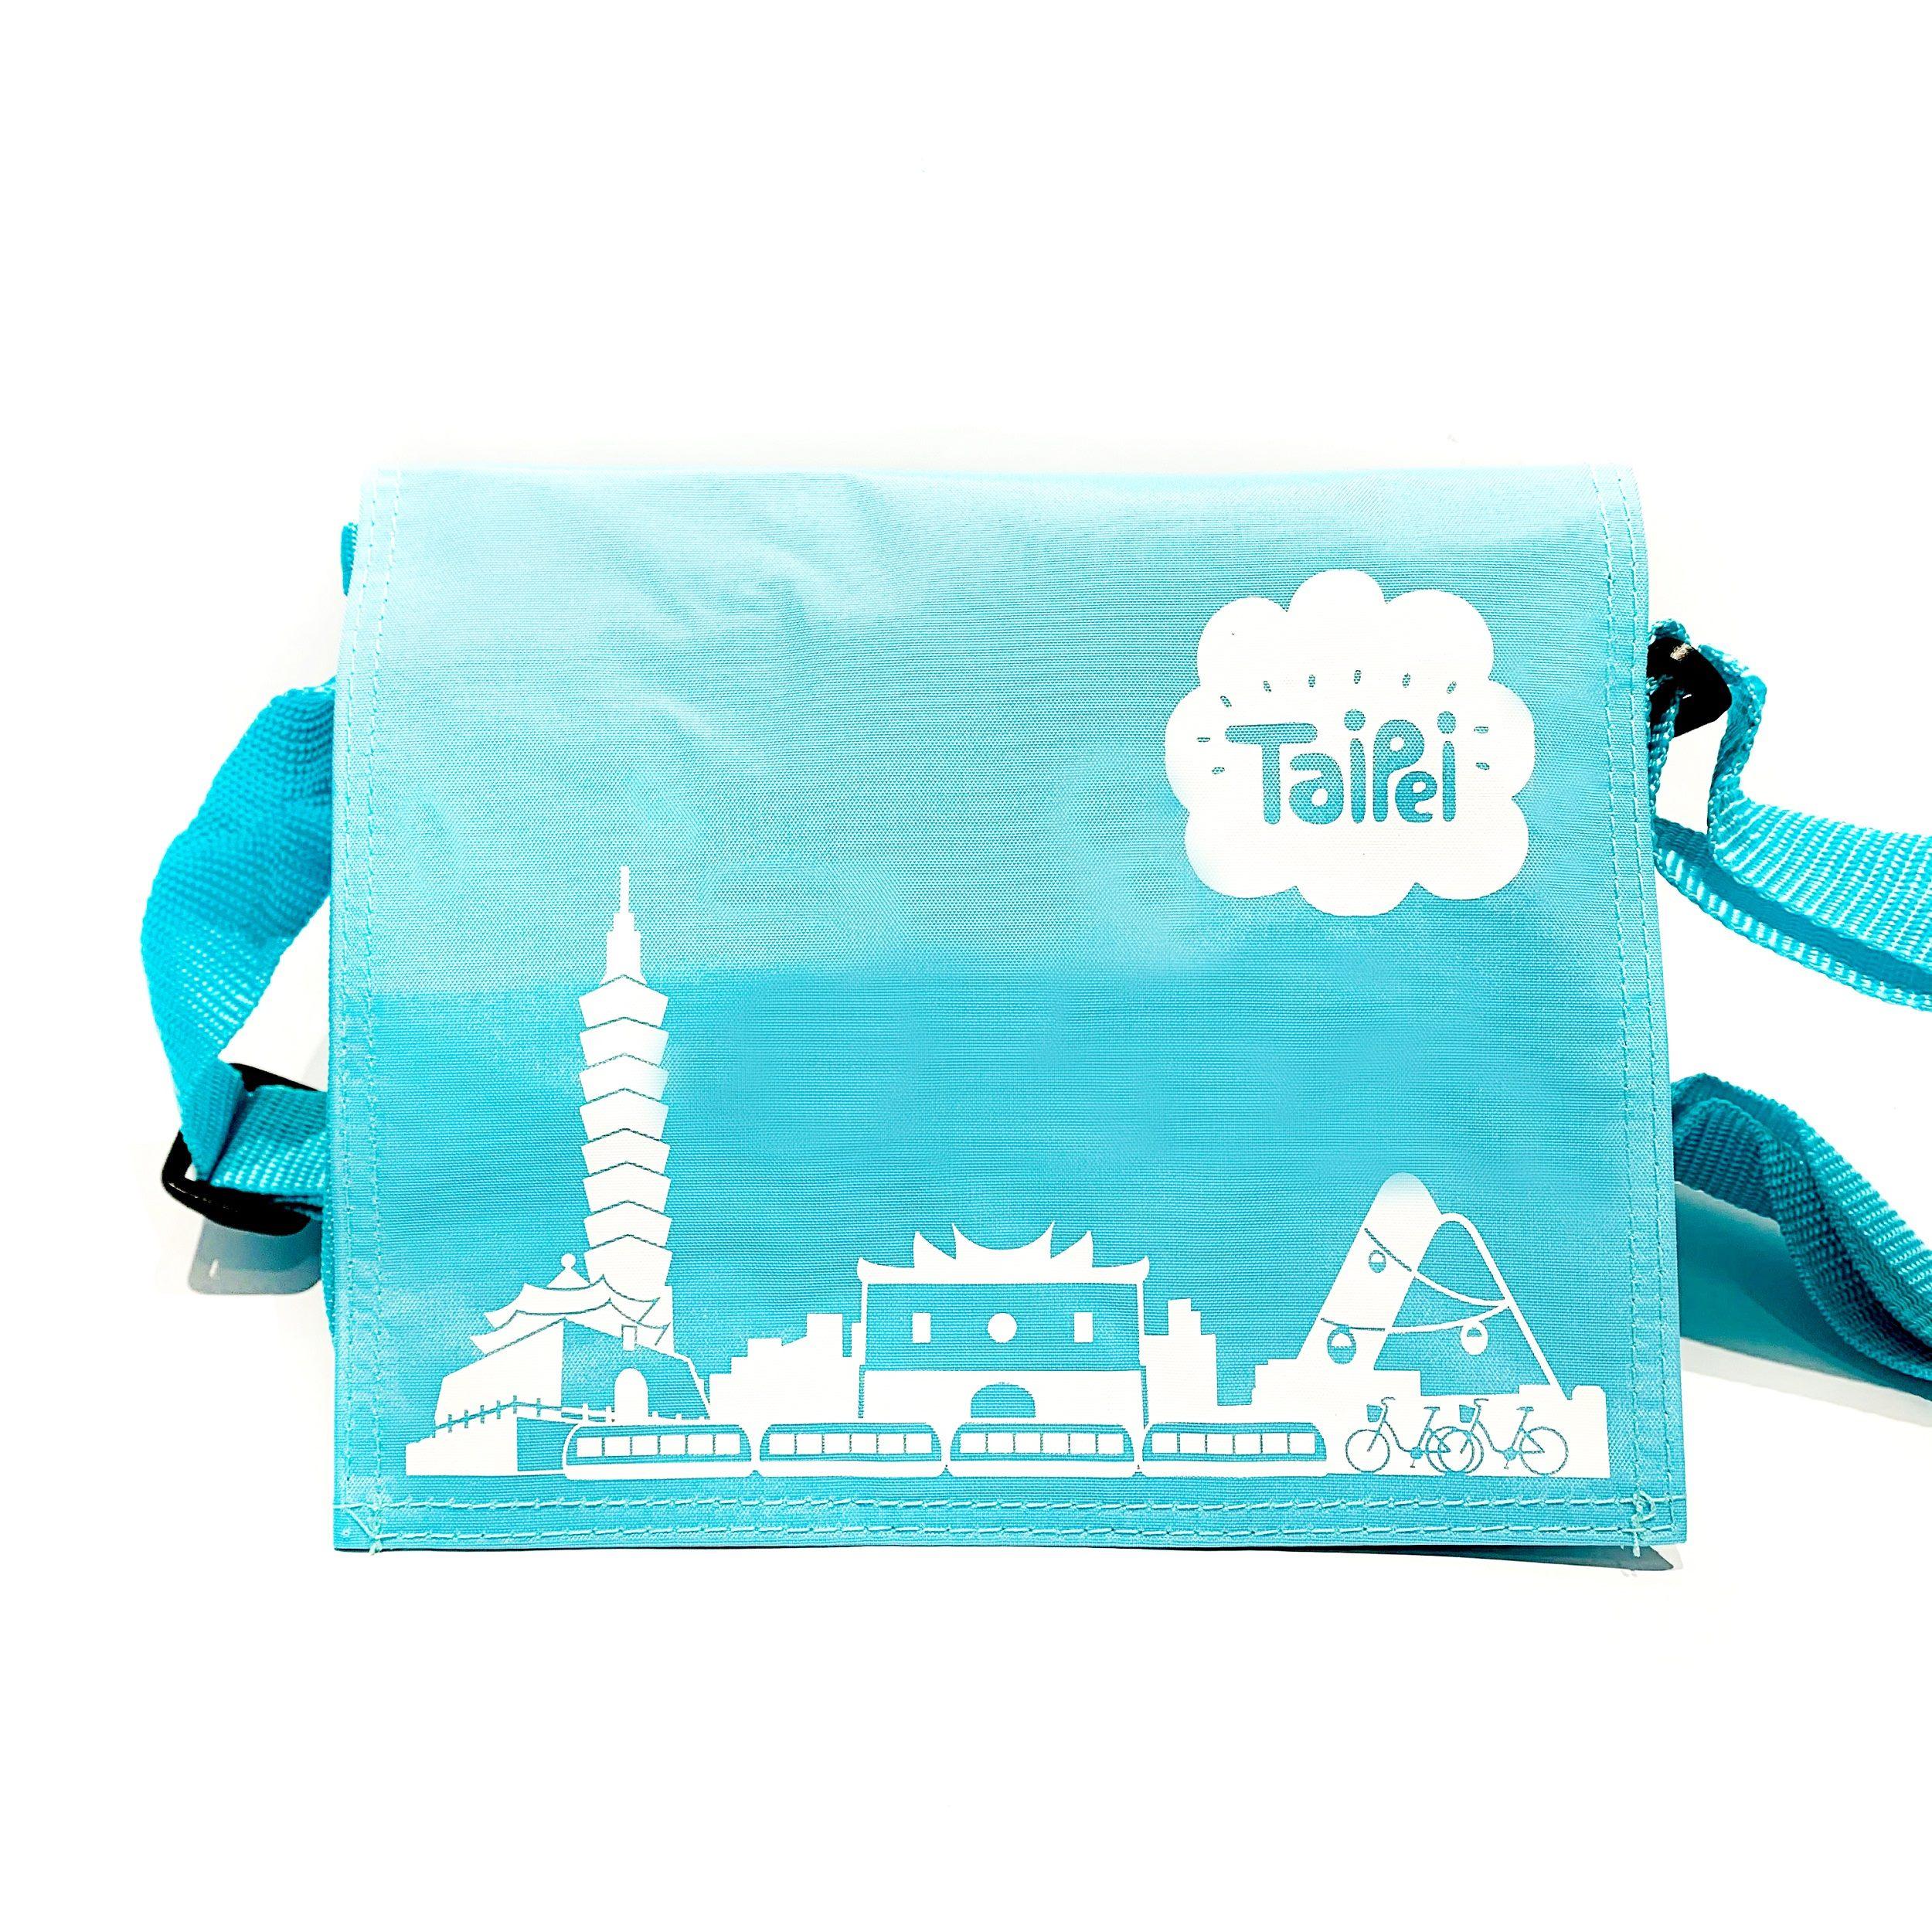 即日起至9/6,凡於觀賞影片後打卡,就有機會抽中「Taipei專屬小書包」等多項好禮。